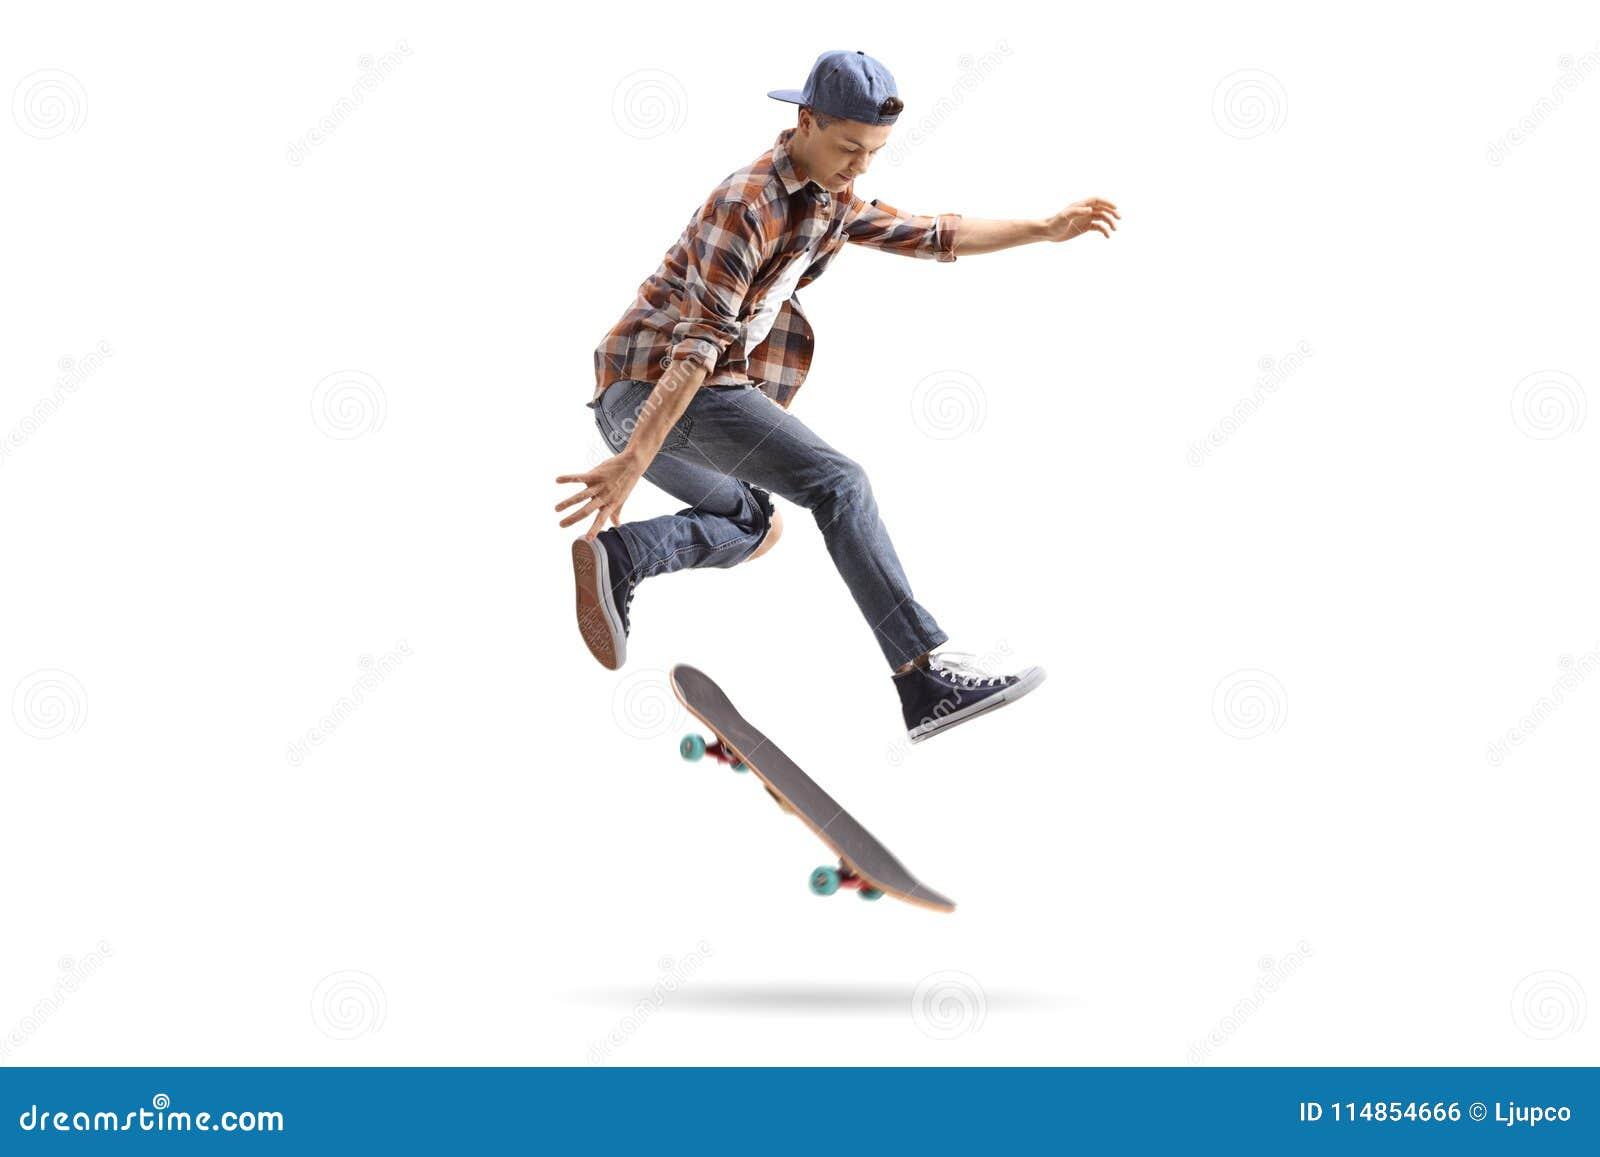 Jugendschlittschuhläufer, der einen Trick mit einem Skateboard durchführt